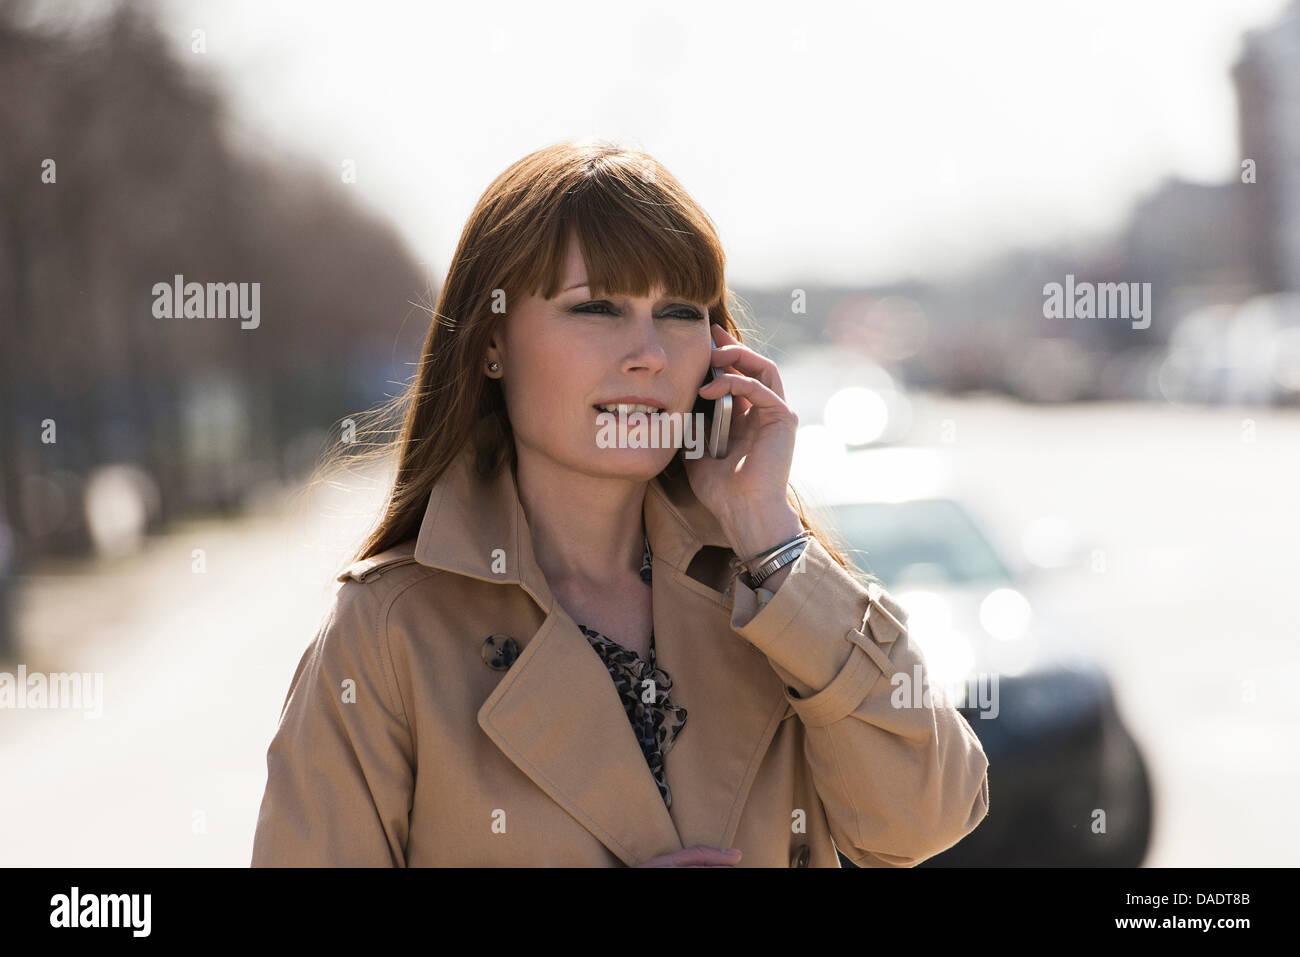 Frau auf dem Handy in Stadtstraße Stockbild